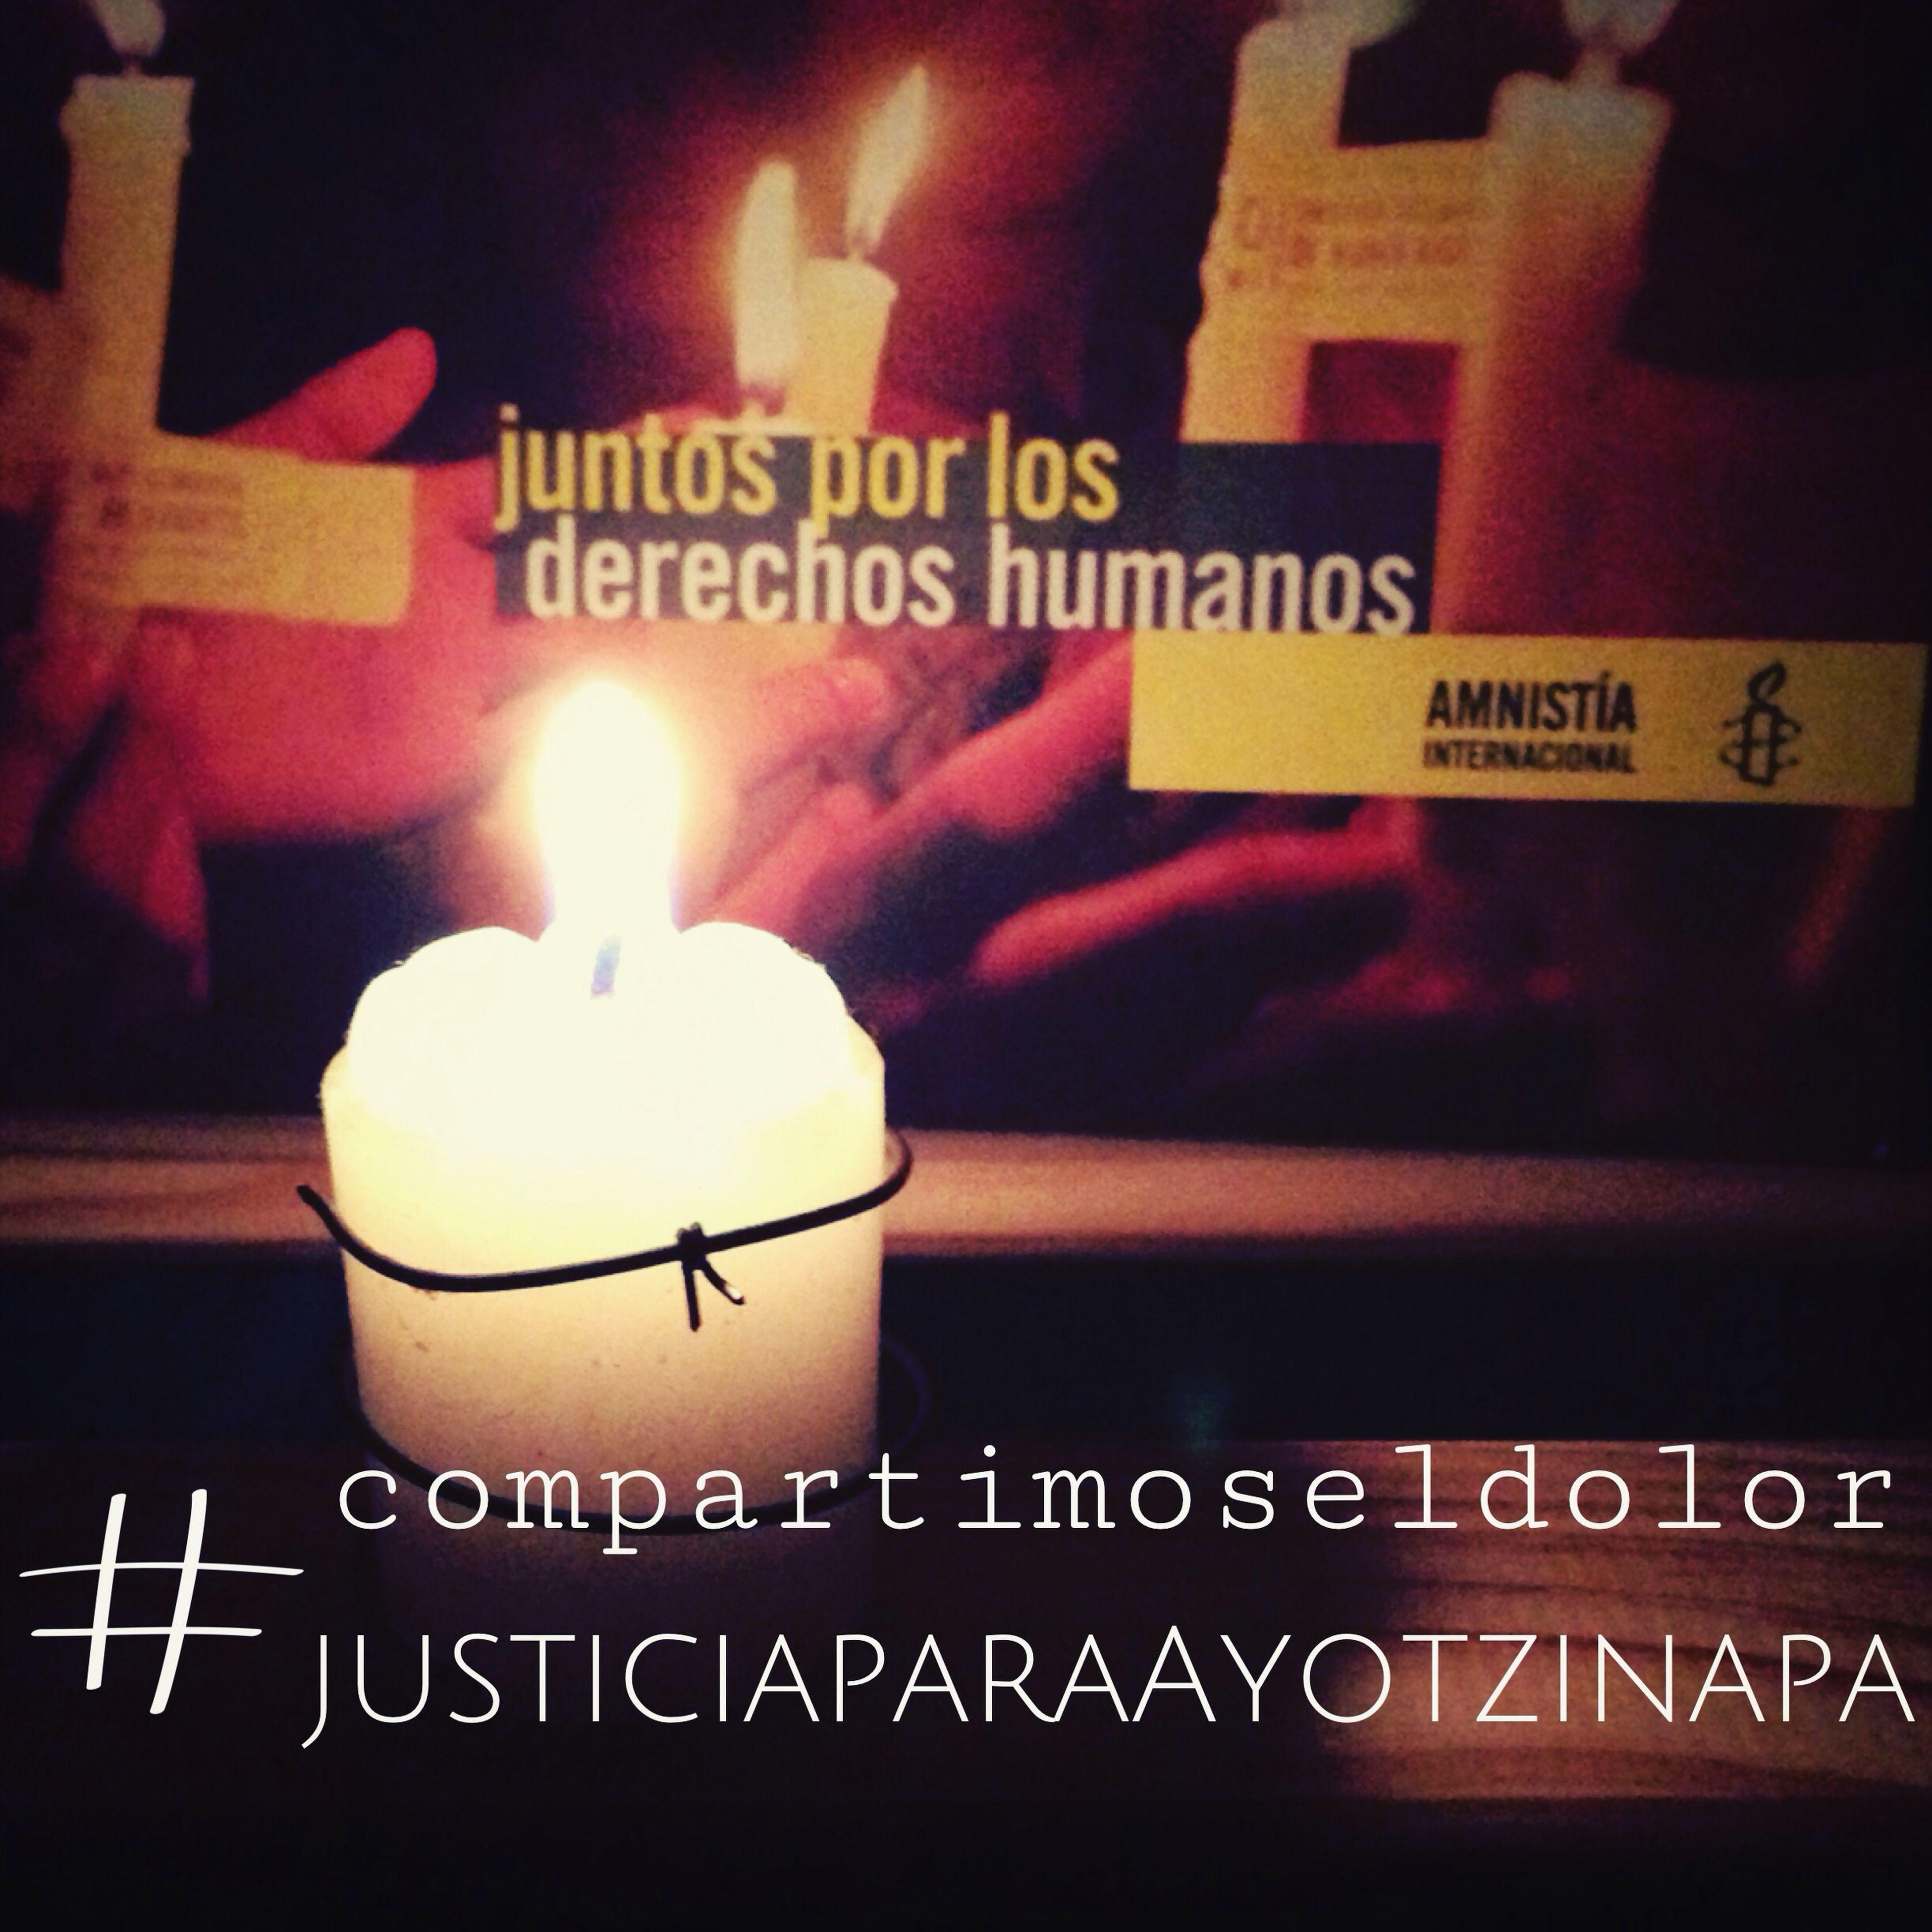 Justicia para Ayotzinapa, Guerrero, México. 43 estudiantes desaparecidos. /Justice for Ayotzinapa, Guerrero, Mexico. 43 students are disappeared #CompartimosElDolor HastaEncontrarles Justice AIGDL Human Rights